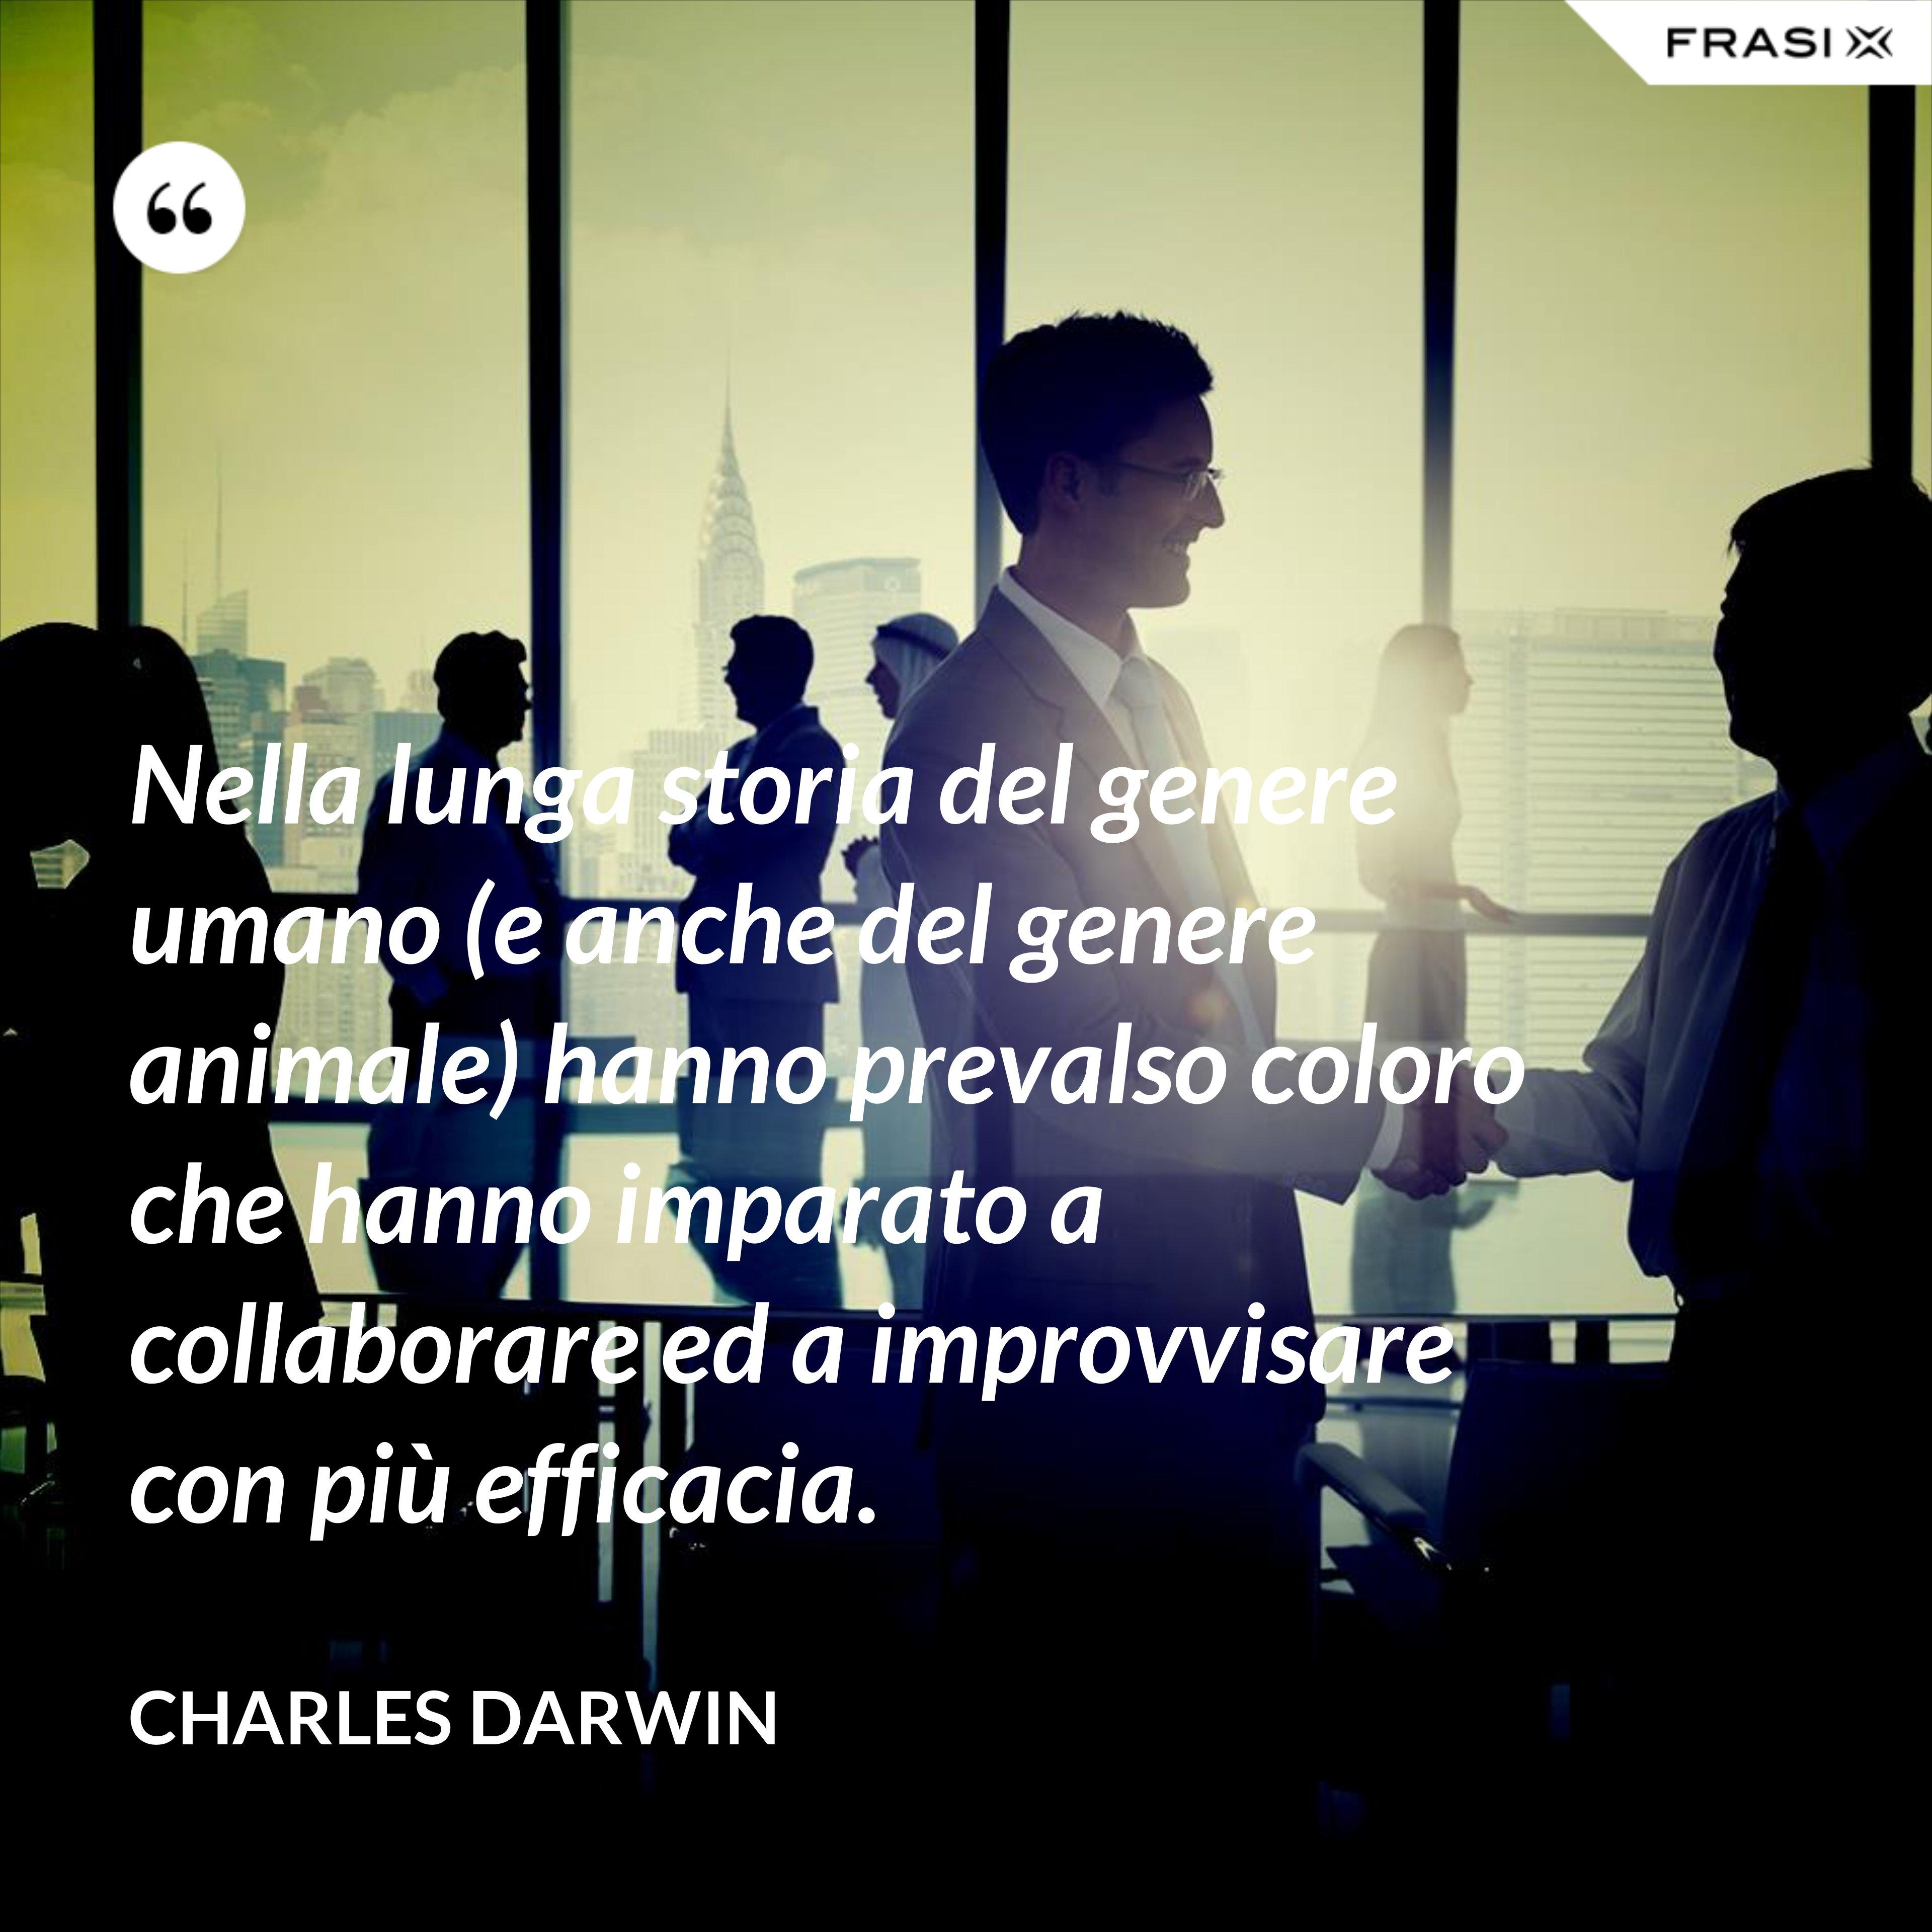 Nella lunga storia del genere umano (e anche del genere animale) hanno prevalso coloro che hanno imparato a collaborare ed a improvvisare con più efficacia. - Charles Darwin